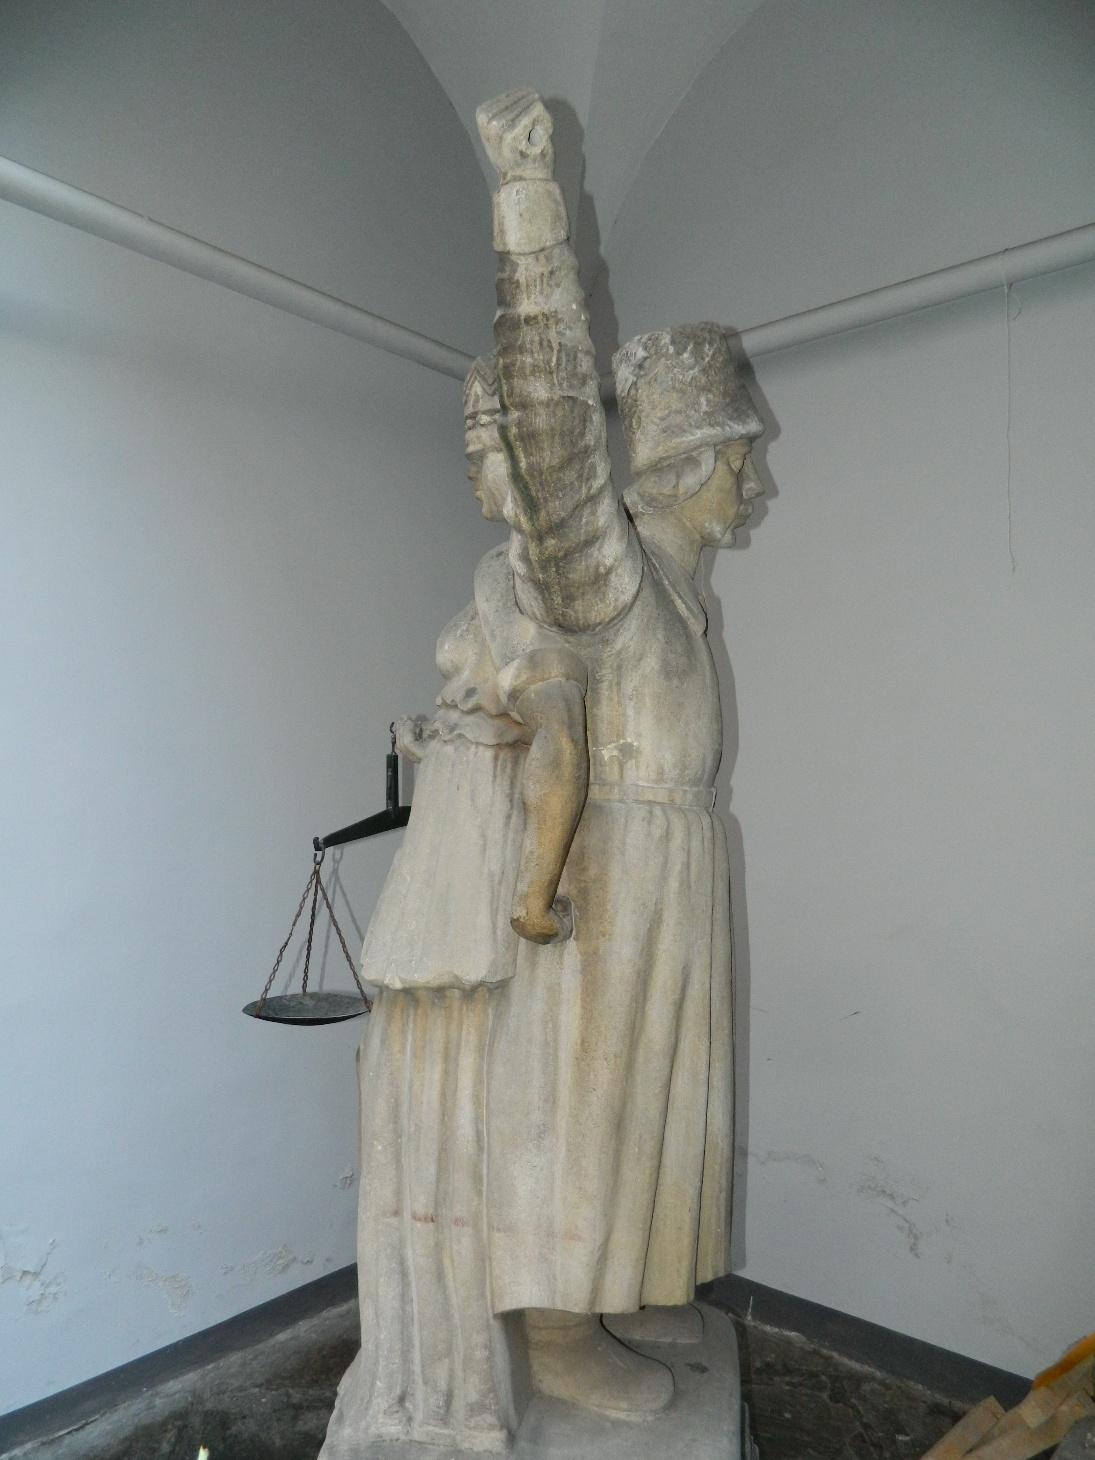 Прангер, або стовп ганьби. Один з символів львівського правосуддя. Фото з https://uk.m.wikipedia.org